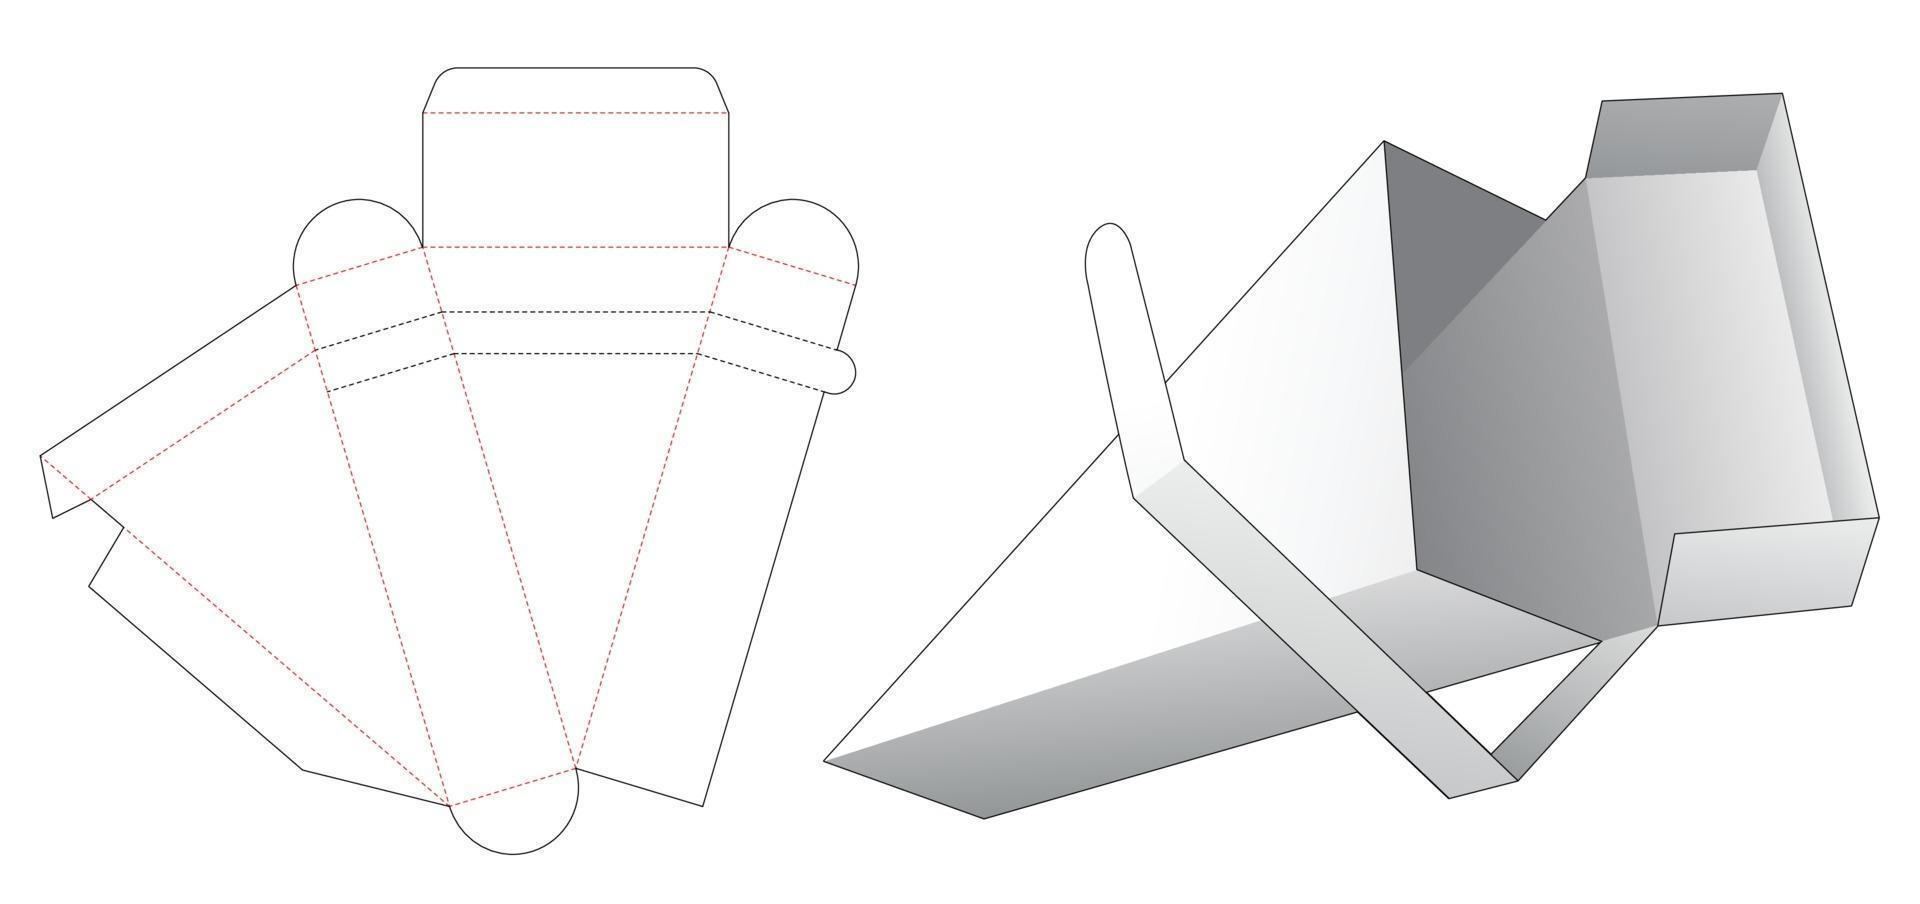 driehoekige verpakking met ritssluiting aan de bovenkant, gestanst sjabloon vector